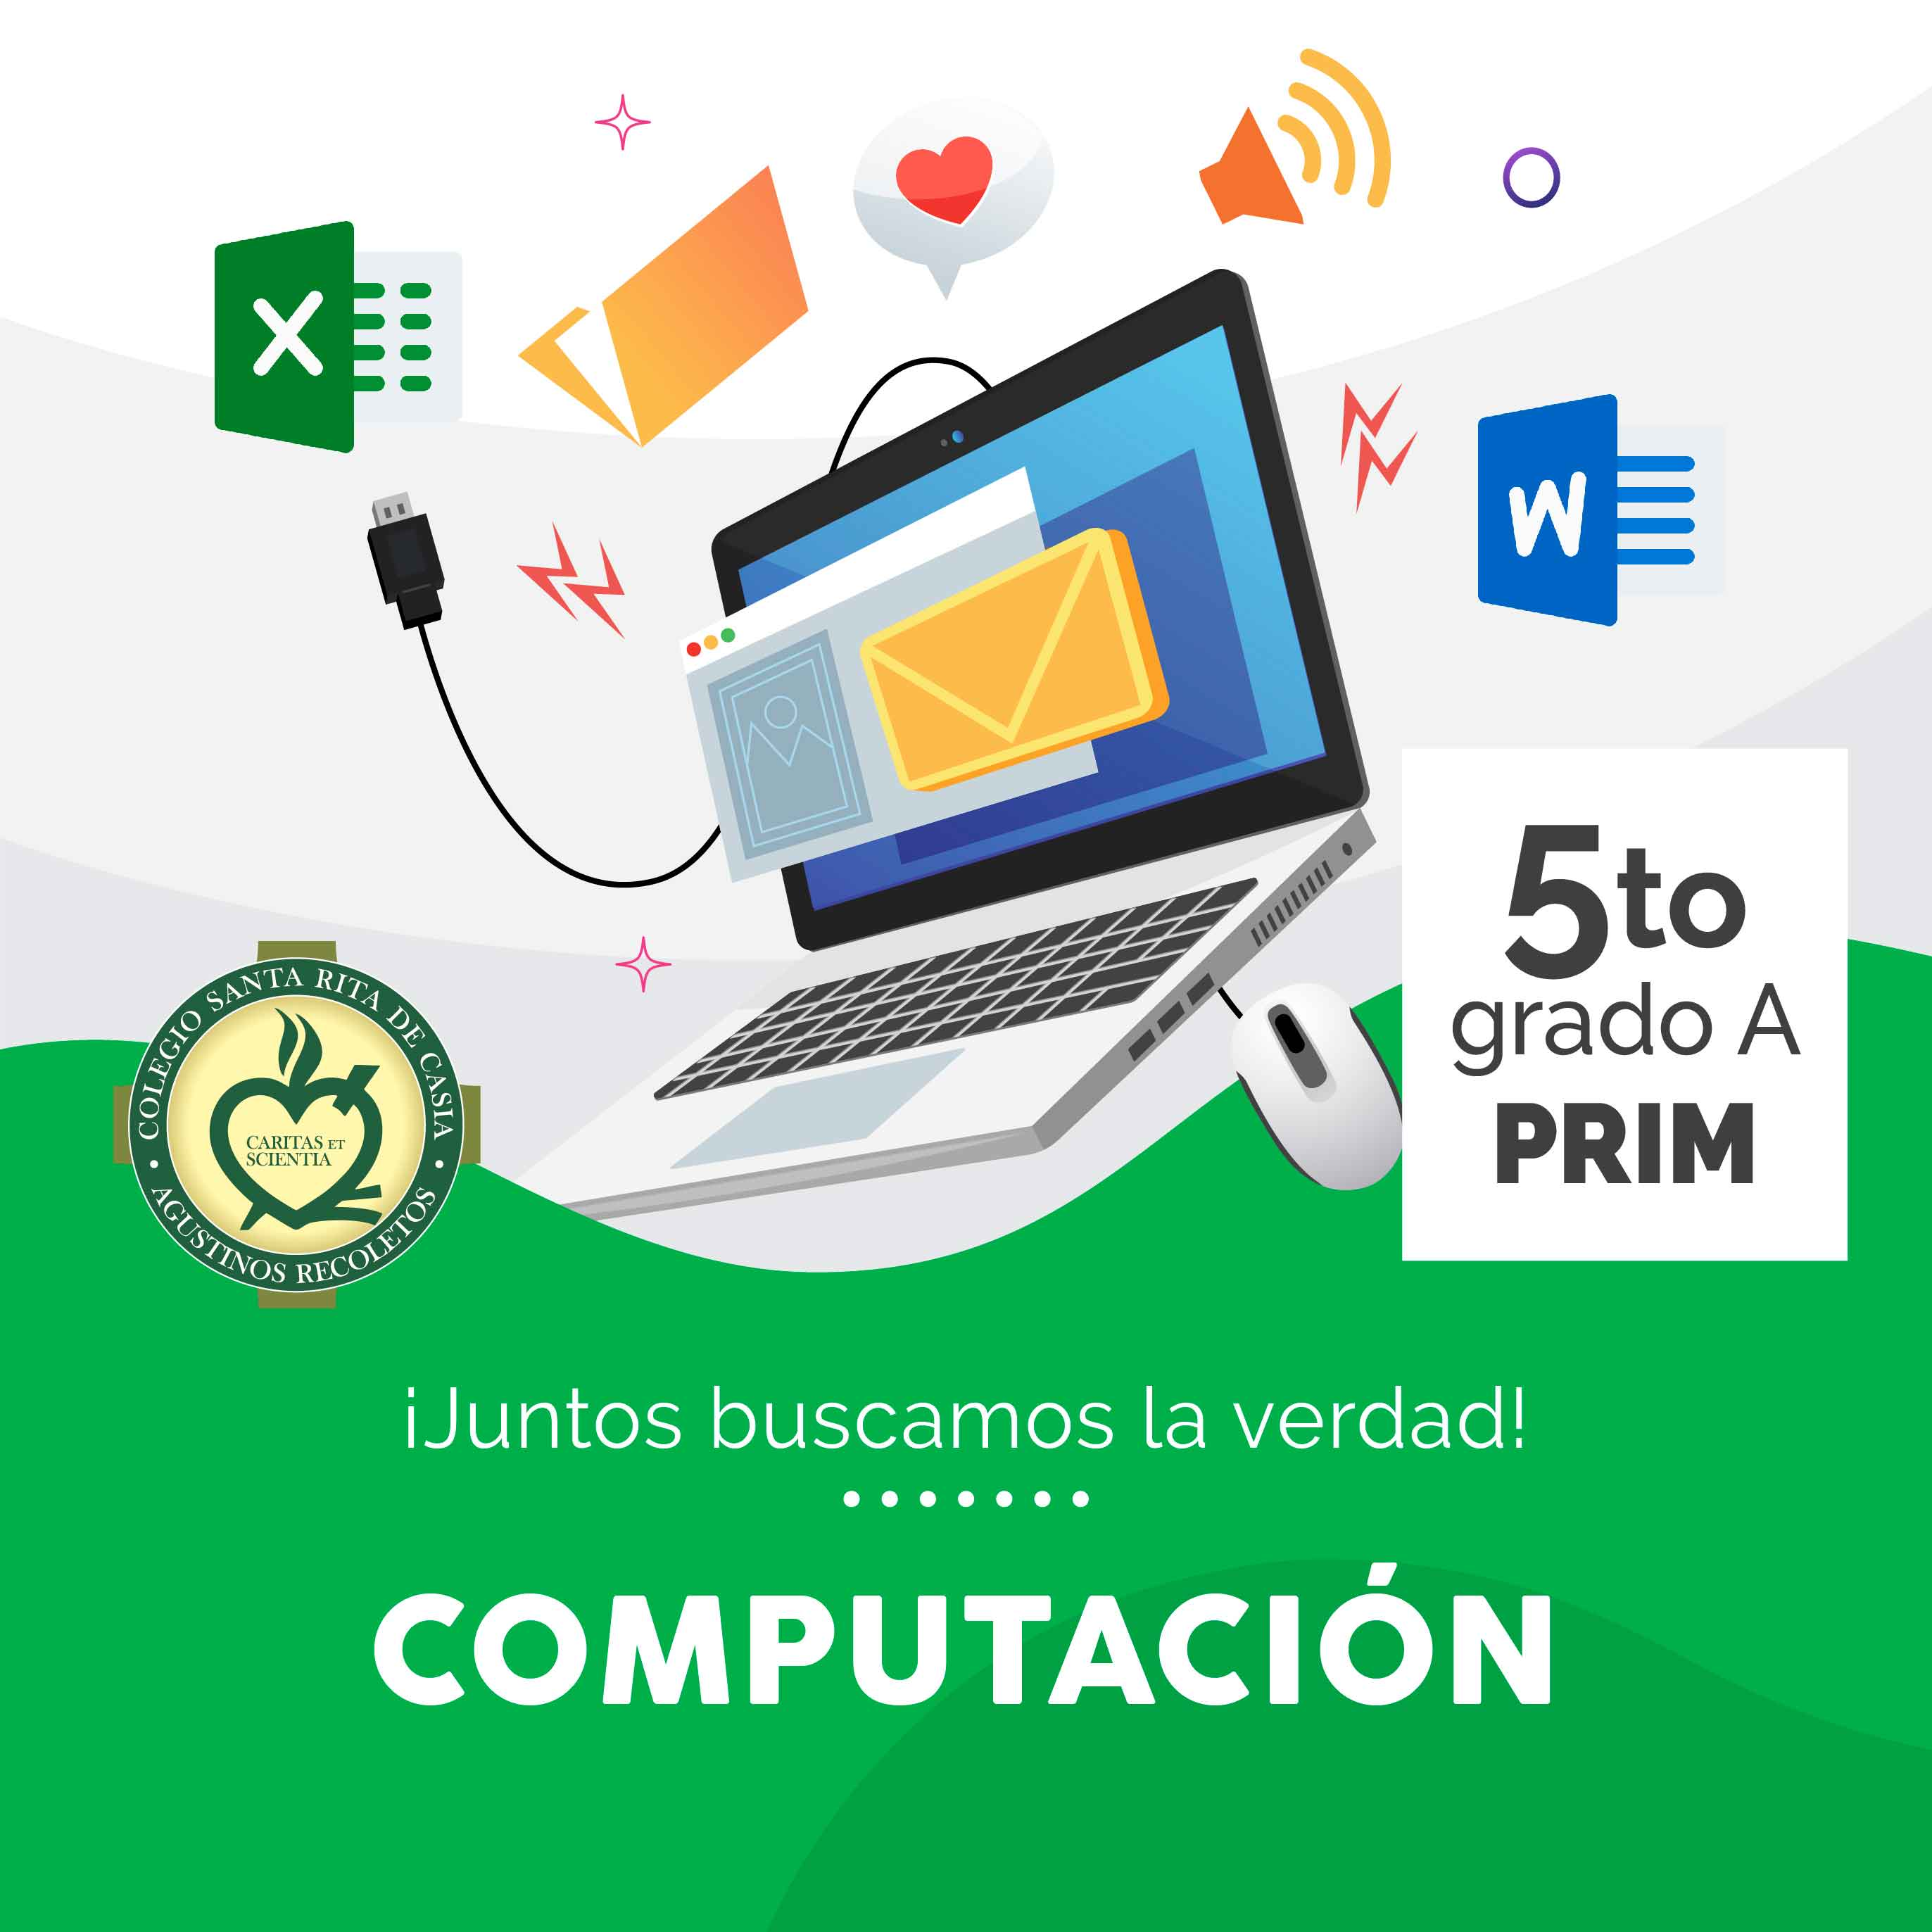 Computación 5to Grado A